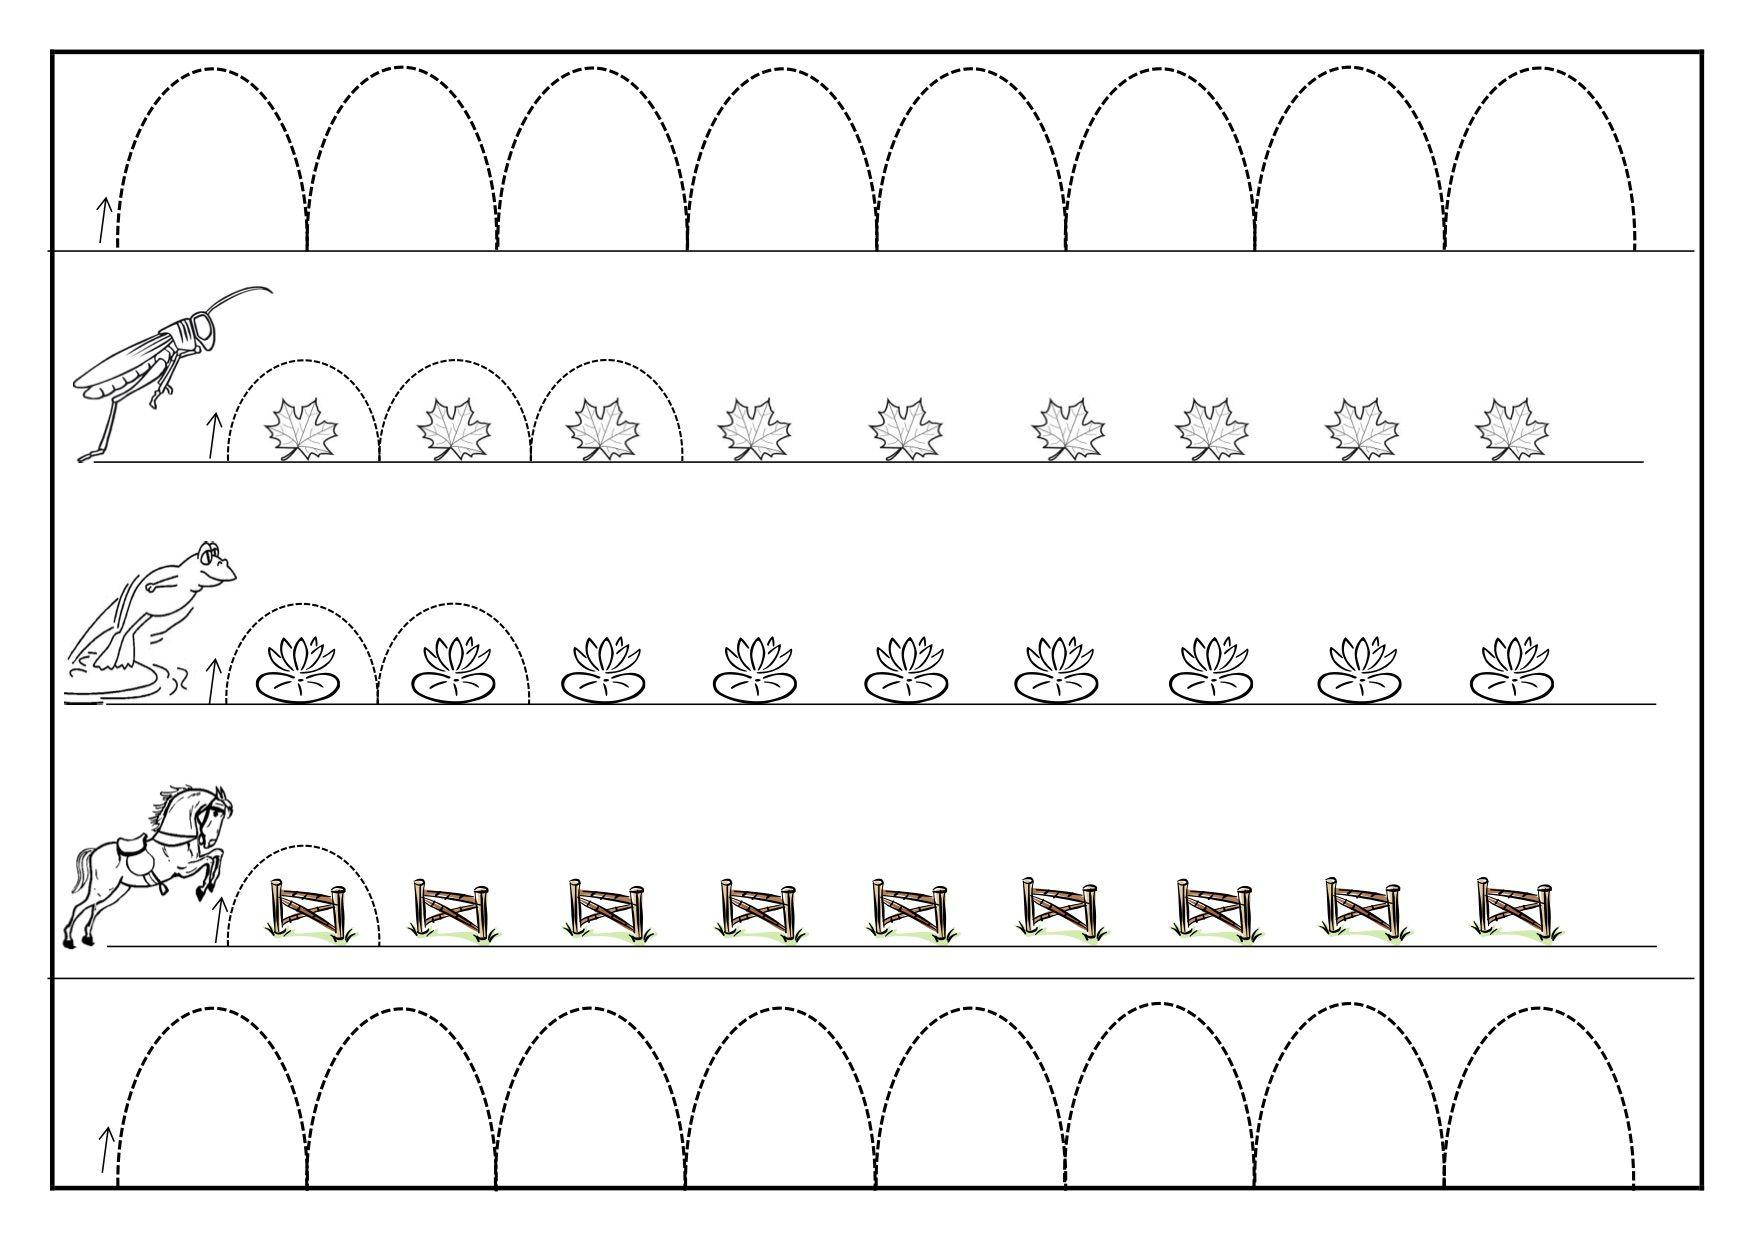 Quelques Fiches De Graphisme À Imprimer Pour La Maternelle destiné Graphisme Gs A Imprimer